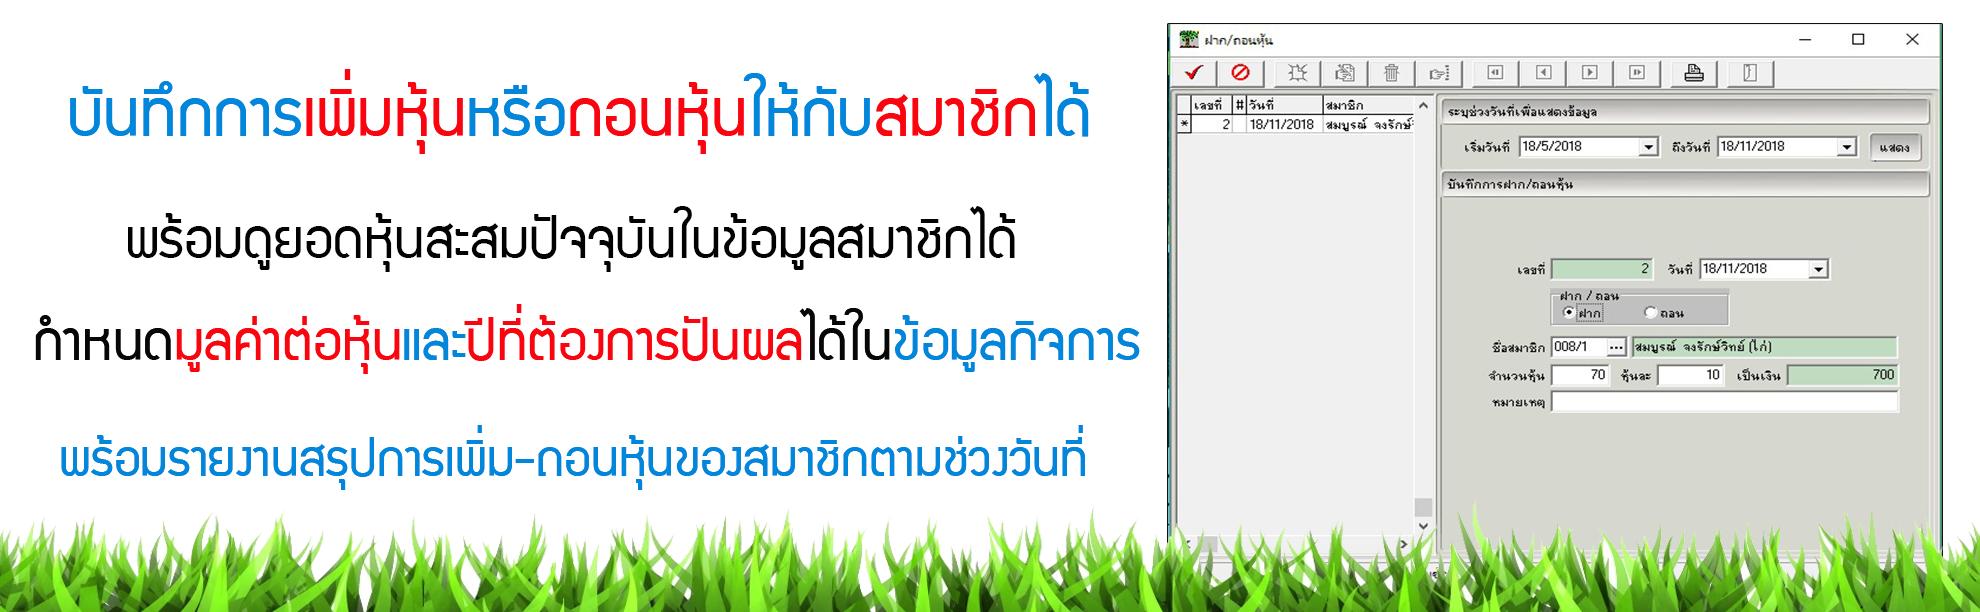 เพิ่มถอนหุ้นให้สมาชิก-ฟังก์ชั่นโปรแกรมสหกรณ์ thailatexcoop